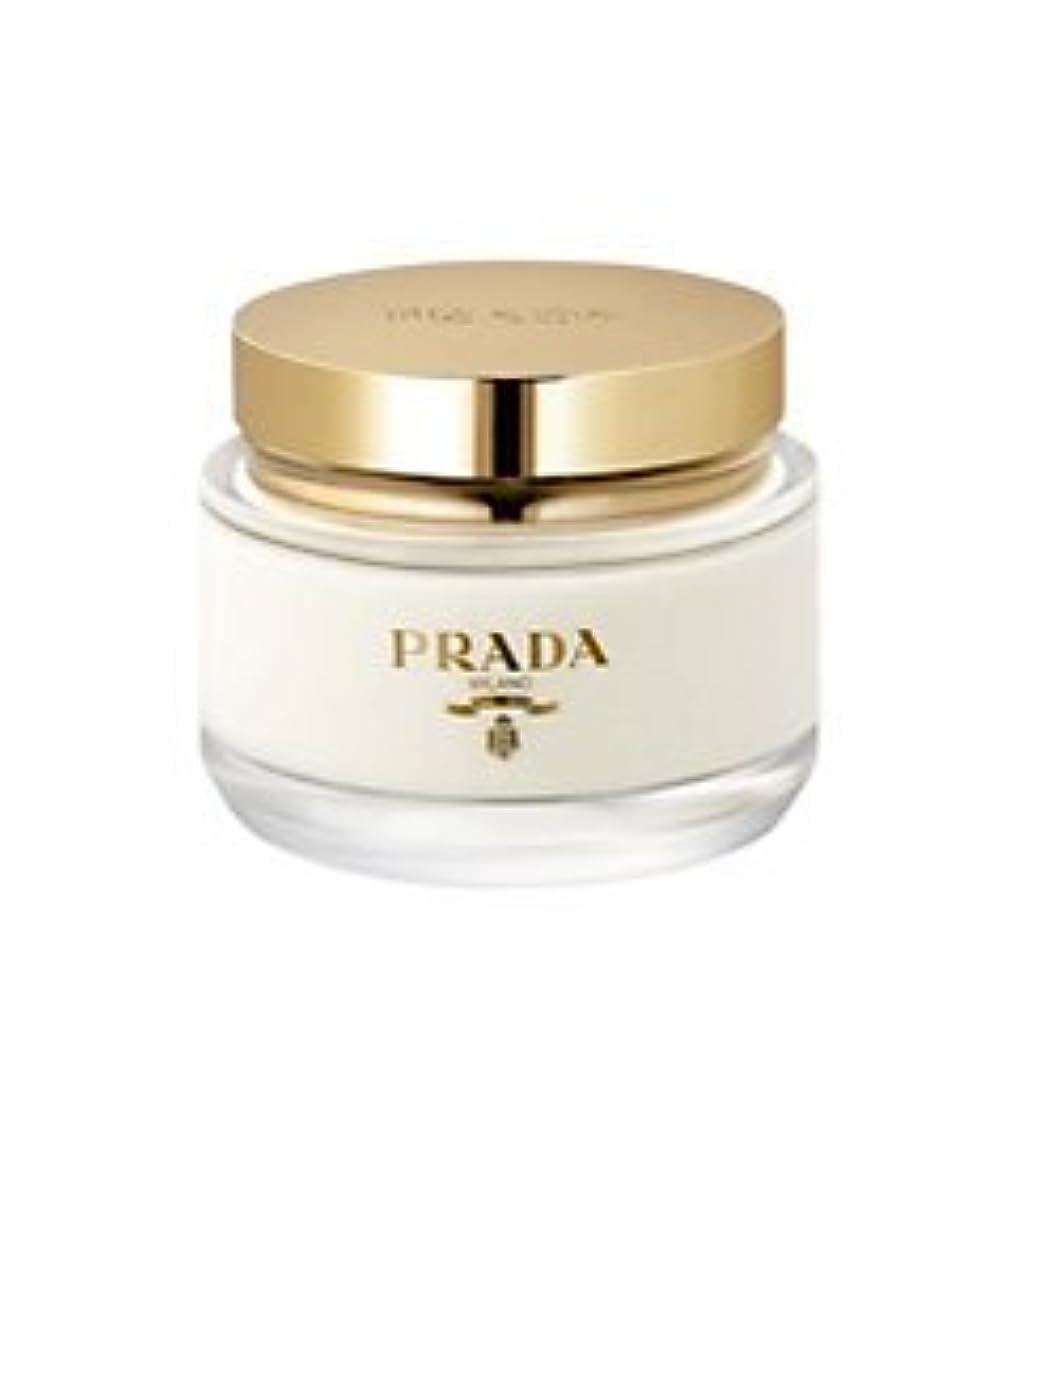 完璧一定かろうじてLa Femme Prada (ラ フェム プラダ) 6.7 oz (200ml) Body Cream for Women